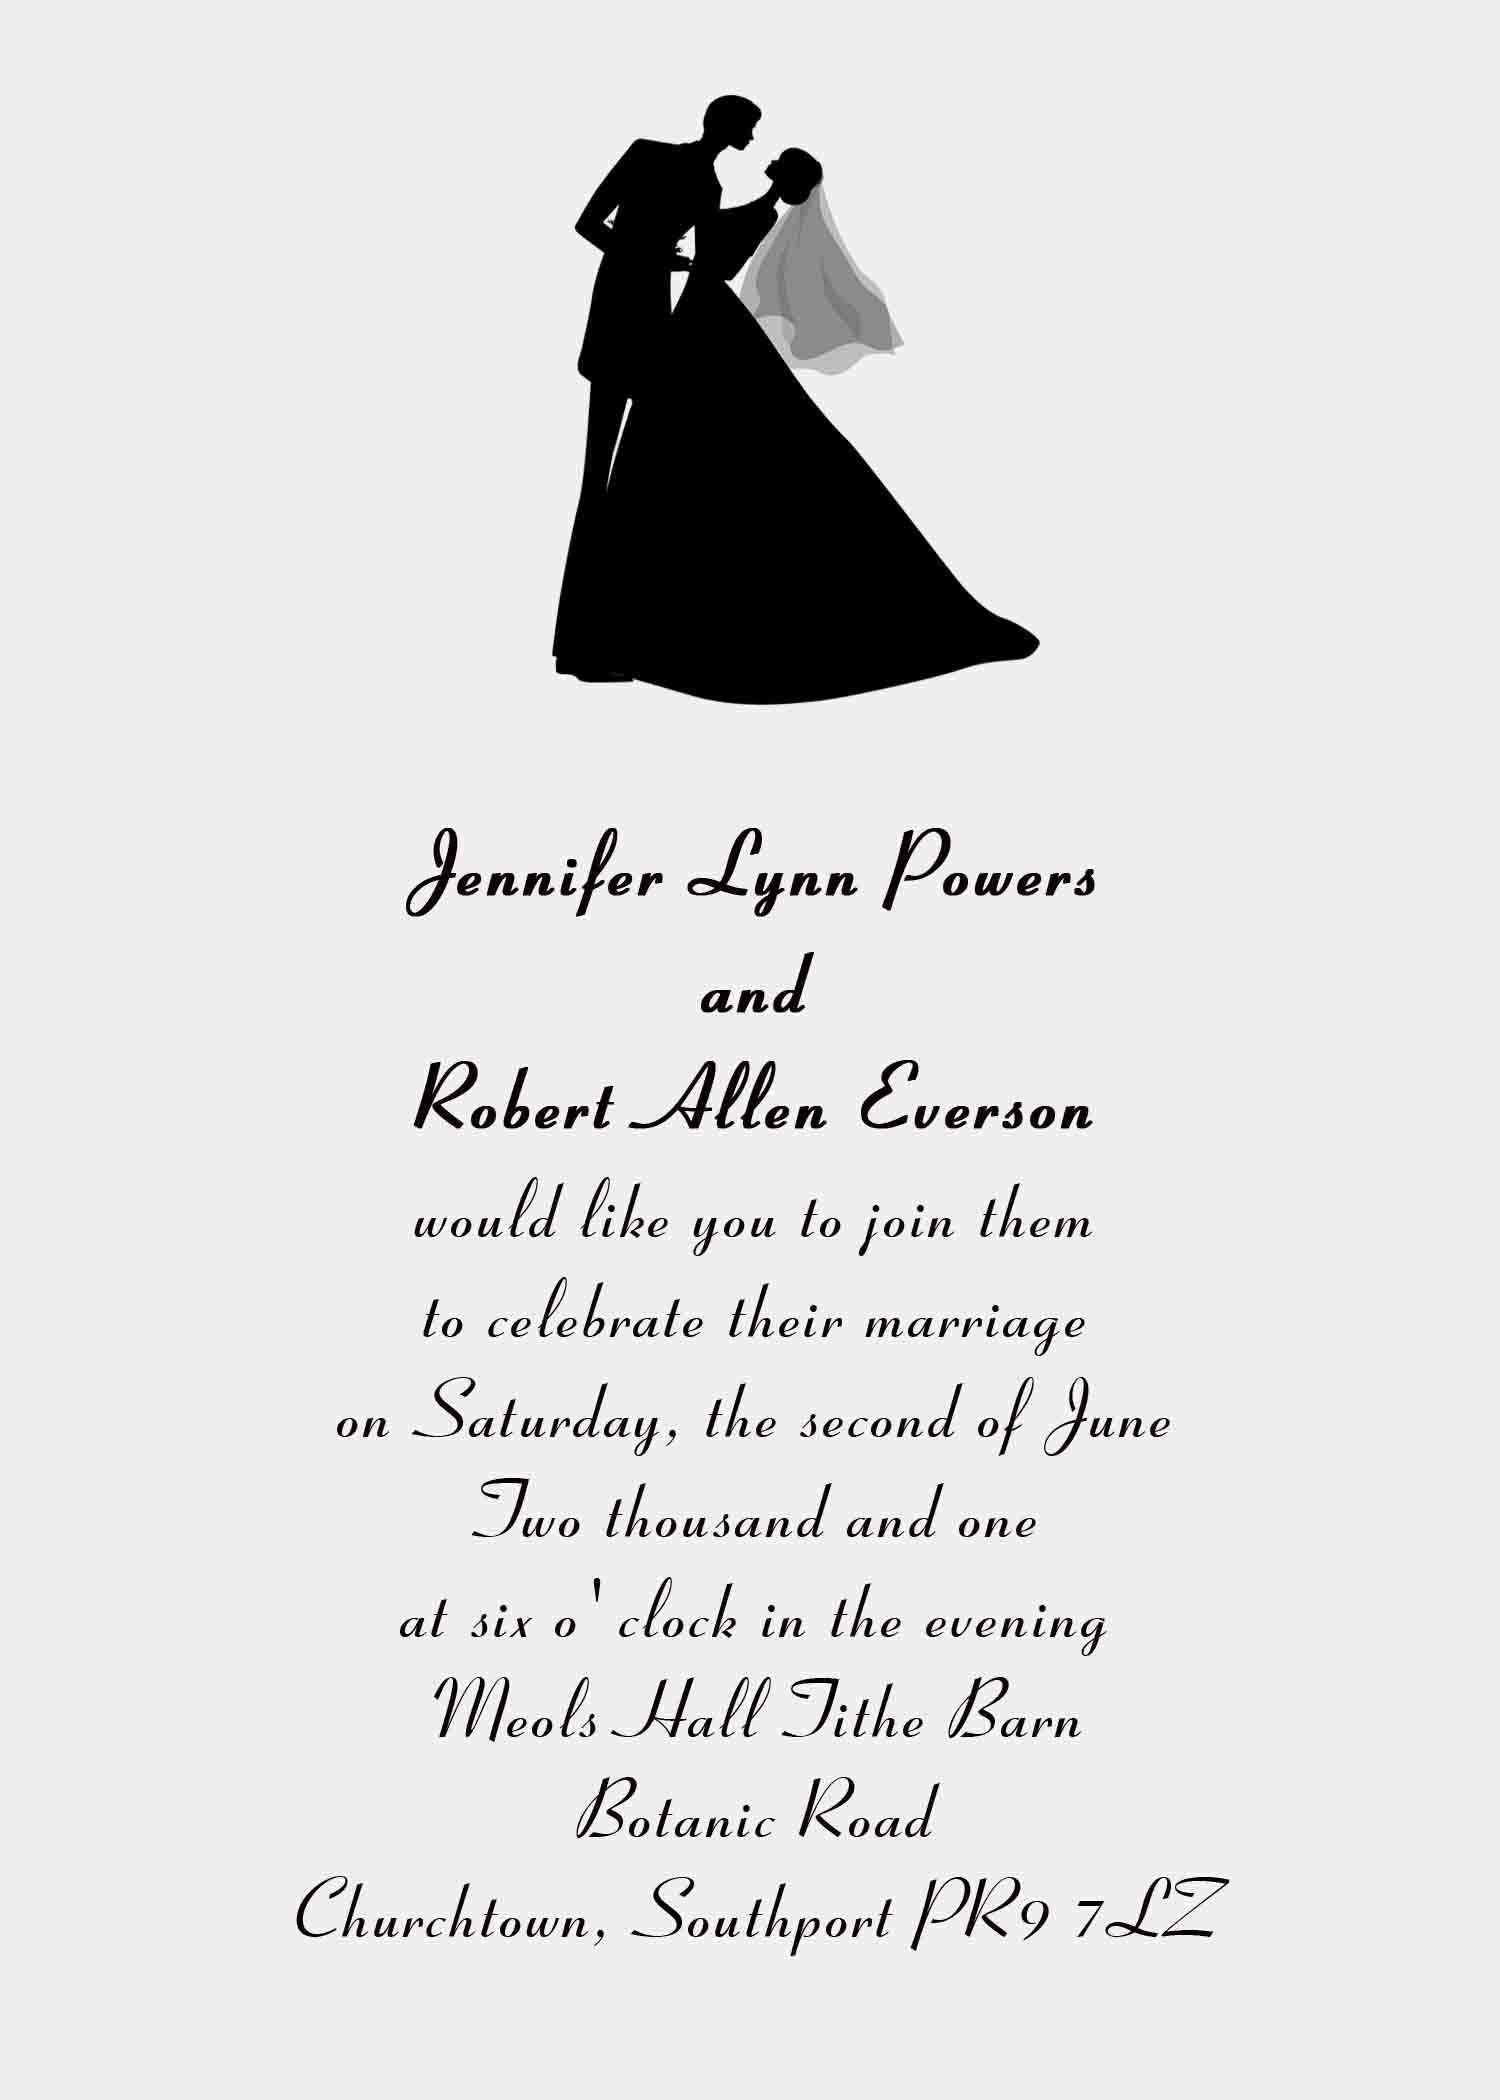 85 Format Reception Invitation Wordings By Bride And Groom Templates with Reception Invitation Wordings By Bride And Groom